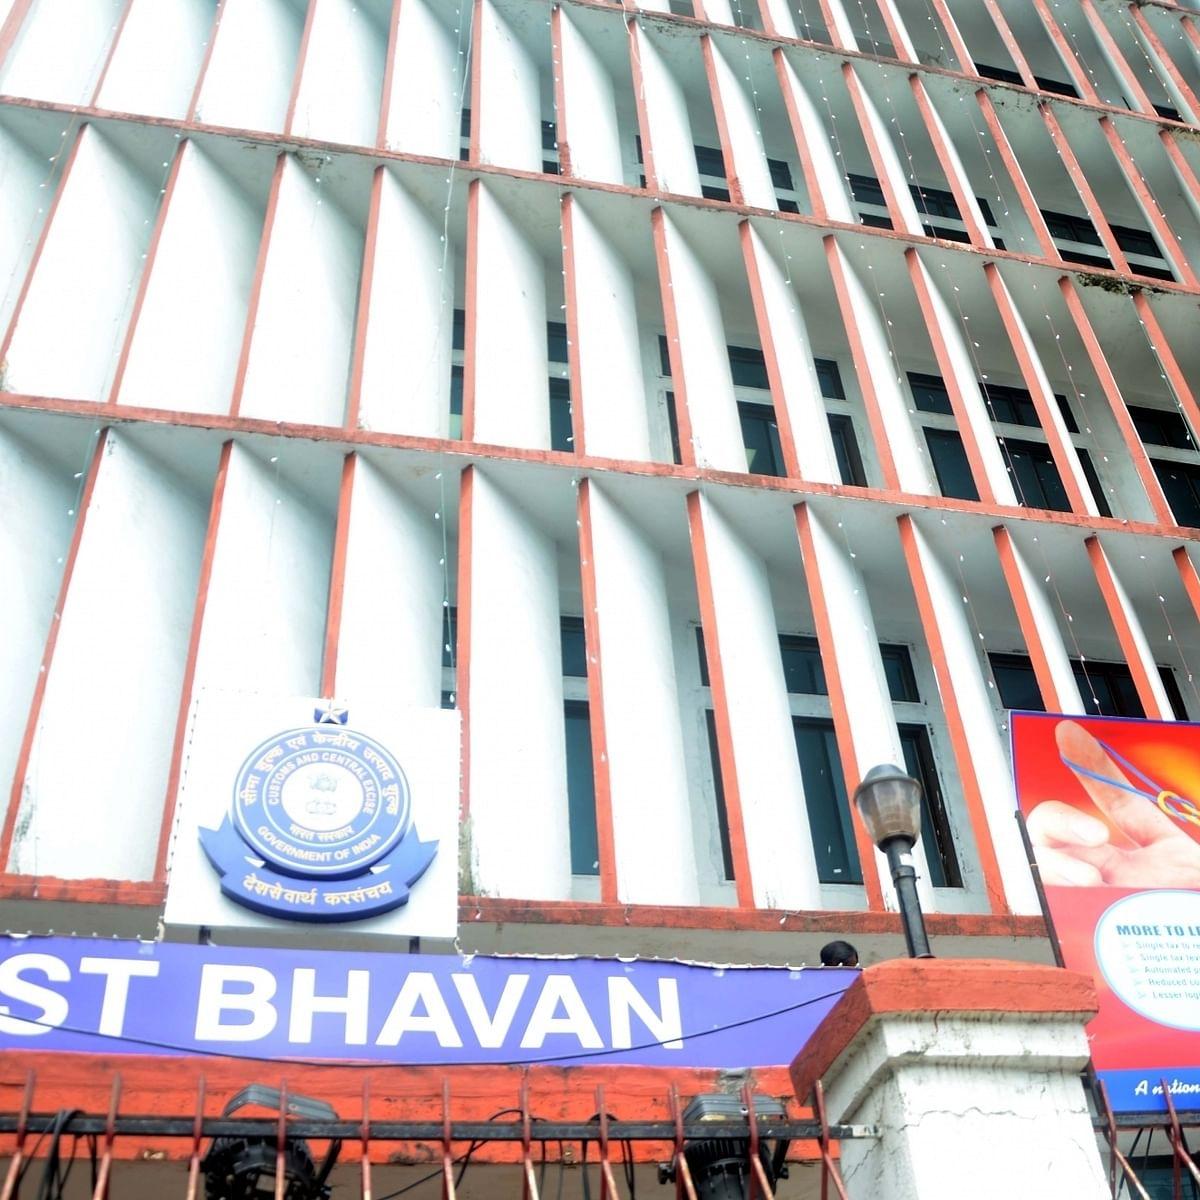 GST Bhavan